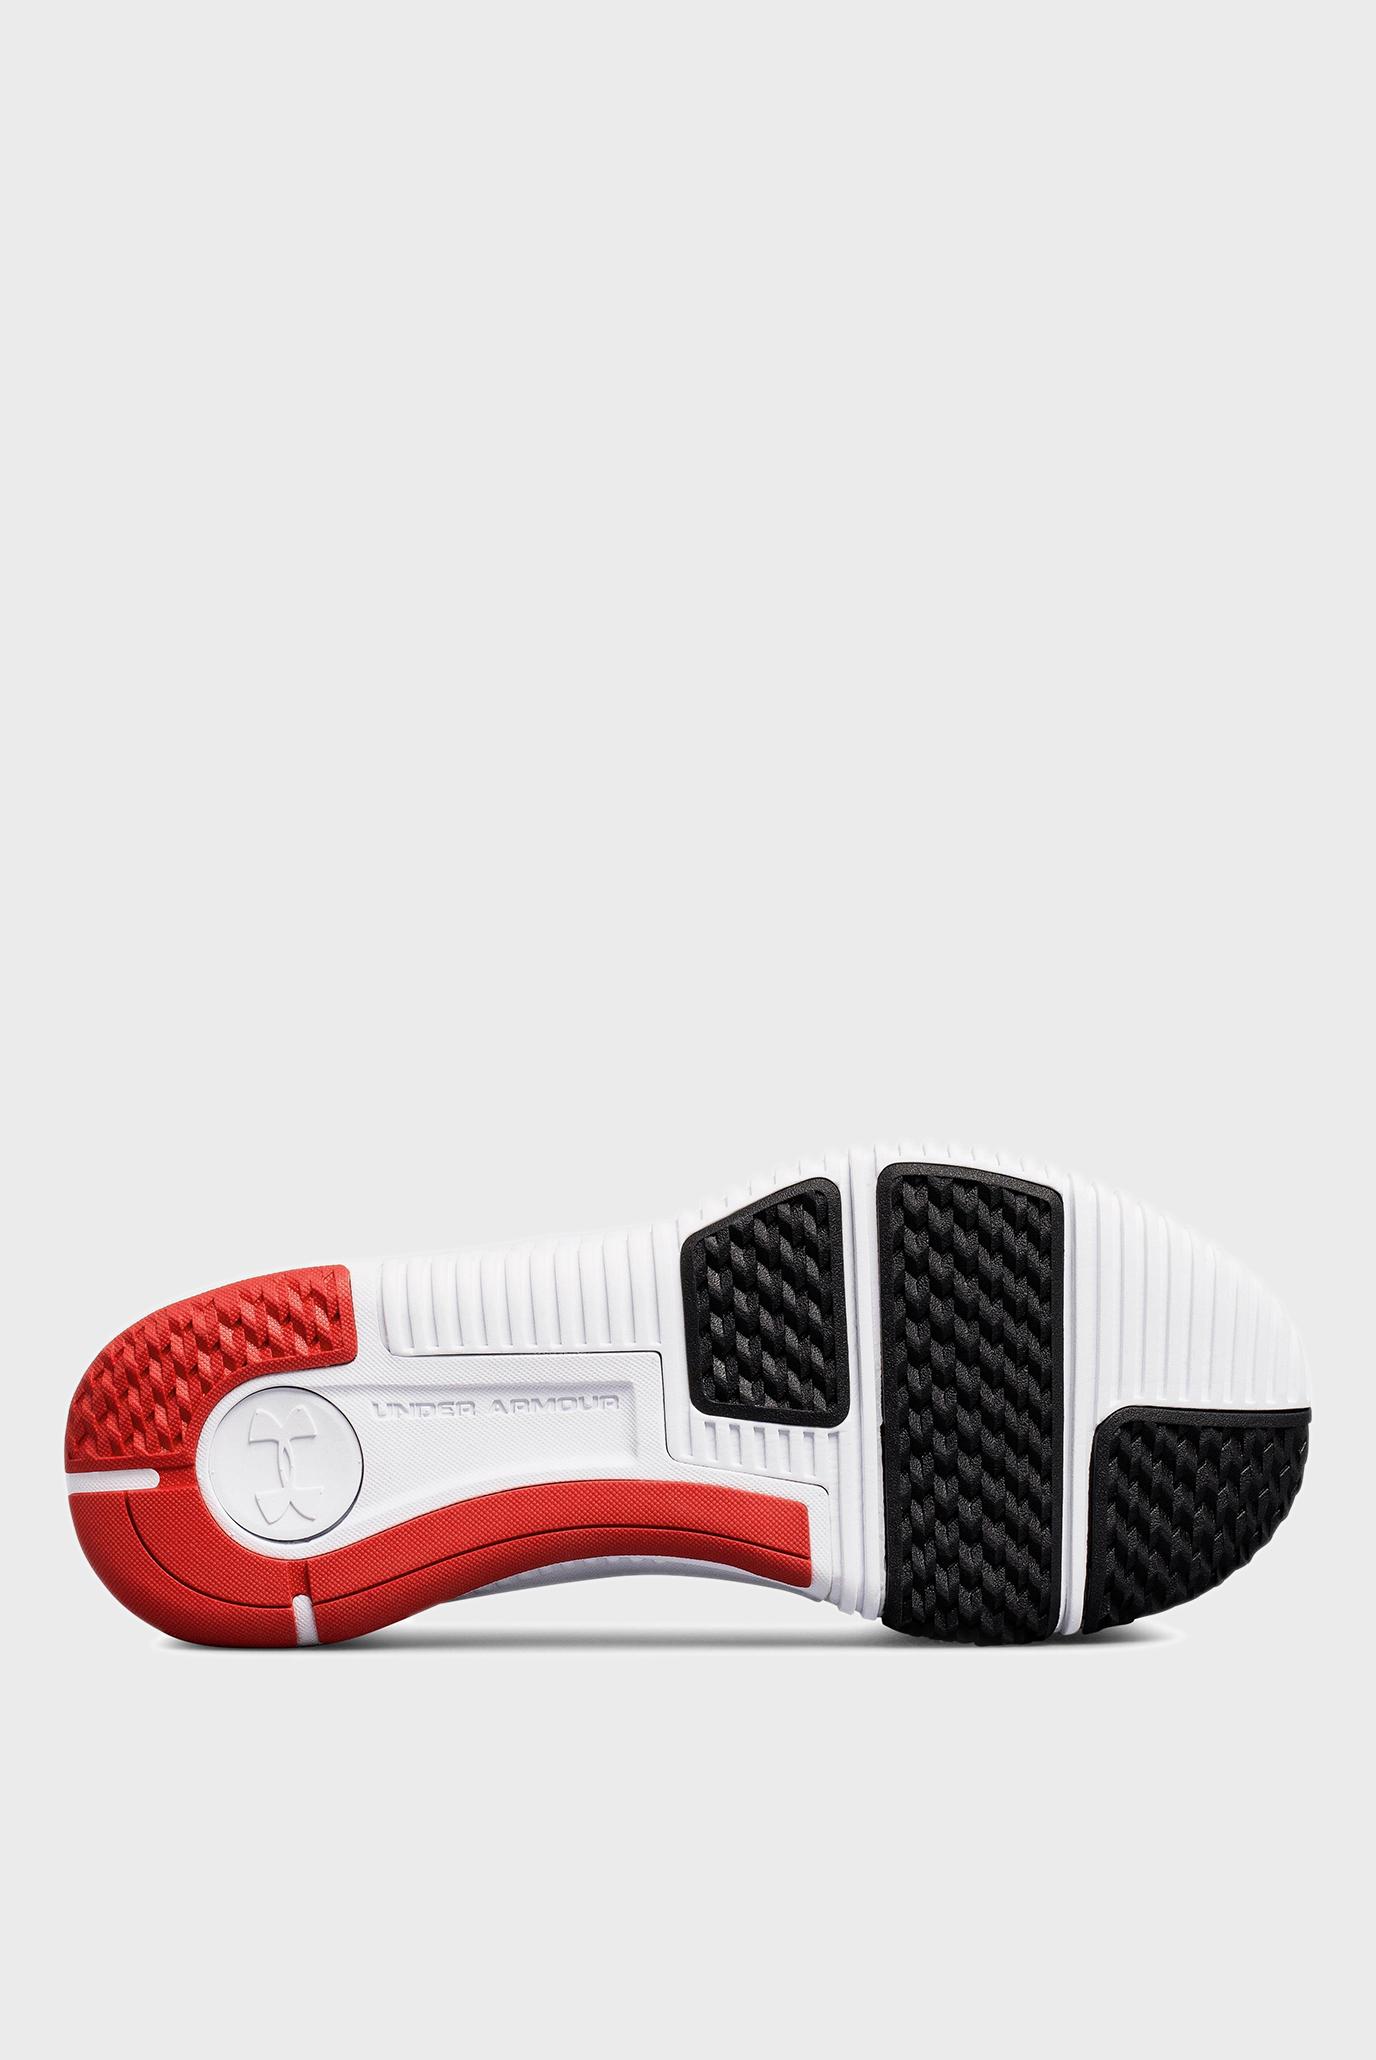 Купить Мужские красные кроссовки UA Ultimate Speed Under Armour Under Armour 3000329-600 – Киев, Украина. Цены в интернет магазине MD Fashion